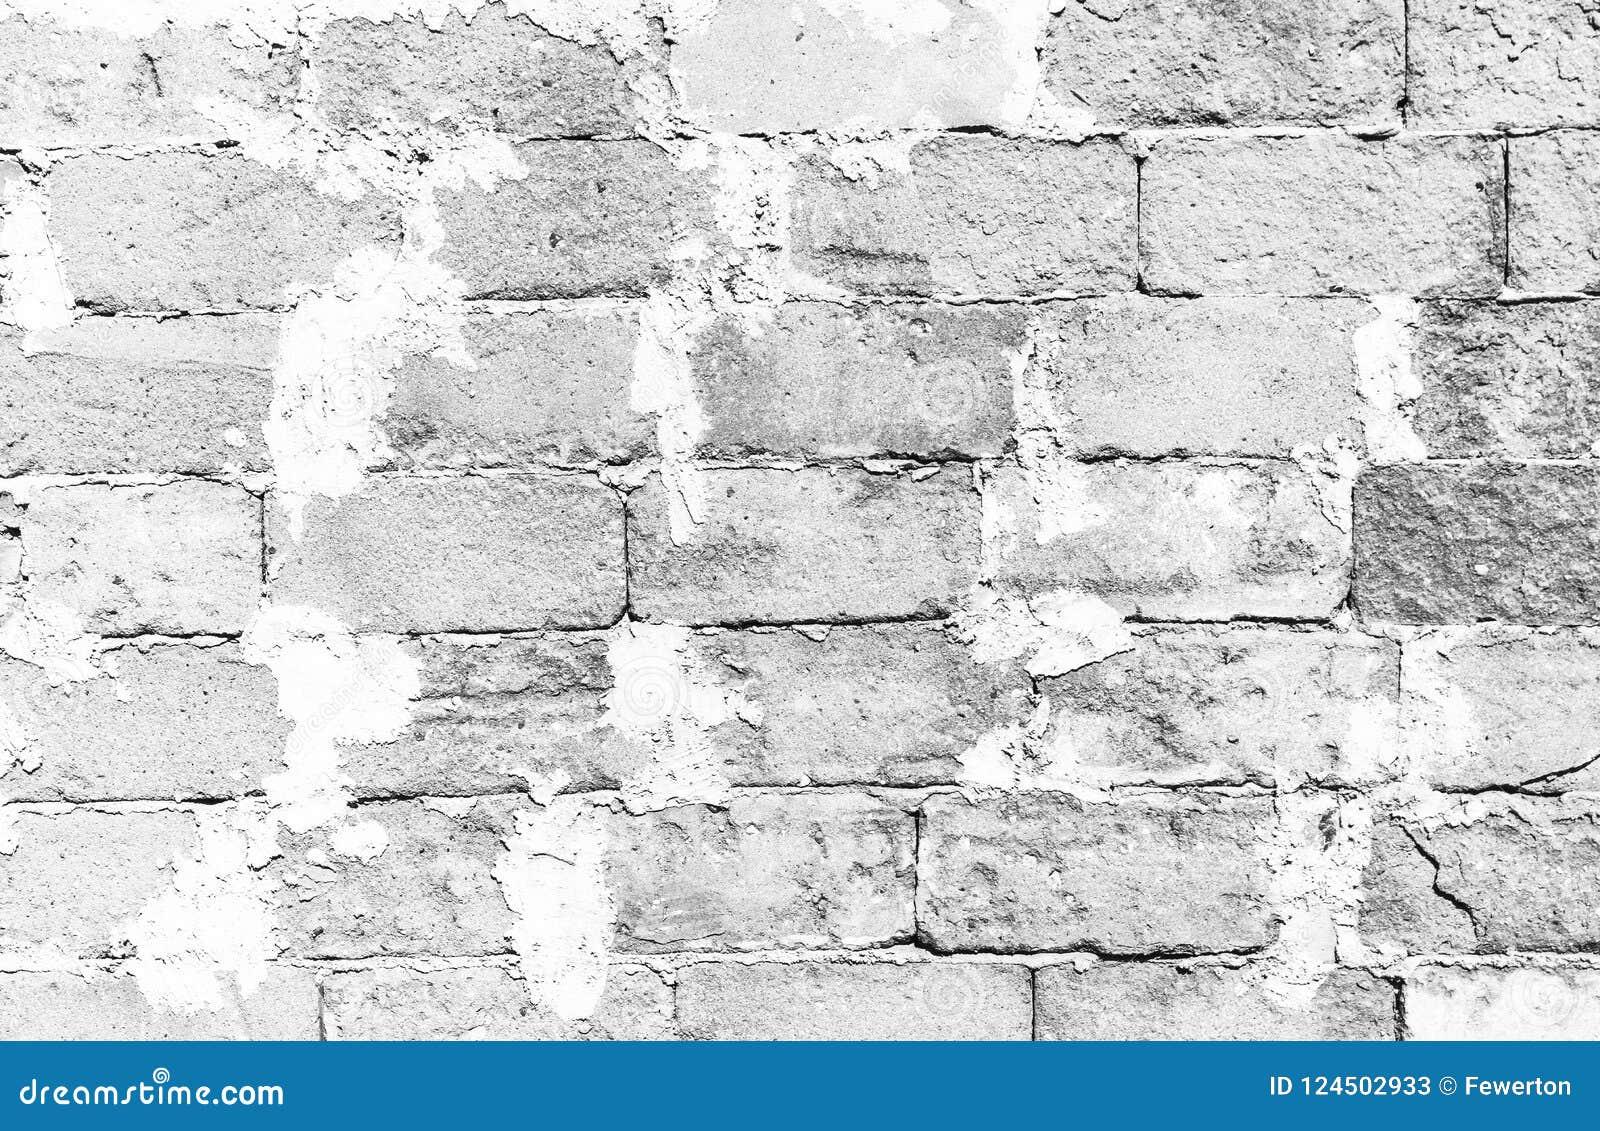 Απλή βρώμικη άσπρη επιφάνεια τουβλότοιχος με το υπερβολικό τσιμέντο που ενώνει το μεγάλο τσιμεντένιων ογκόλιθων υπόβαθρο σύστασης